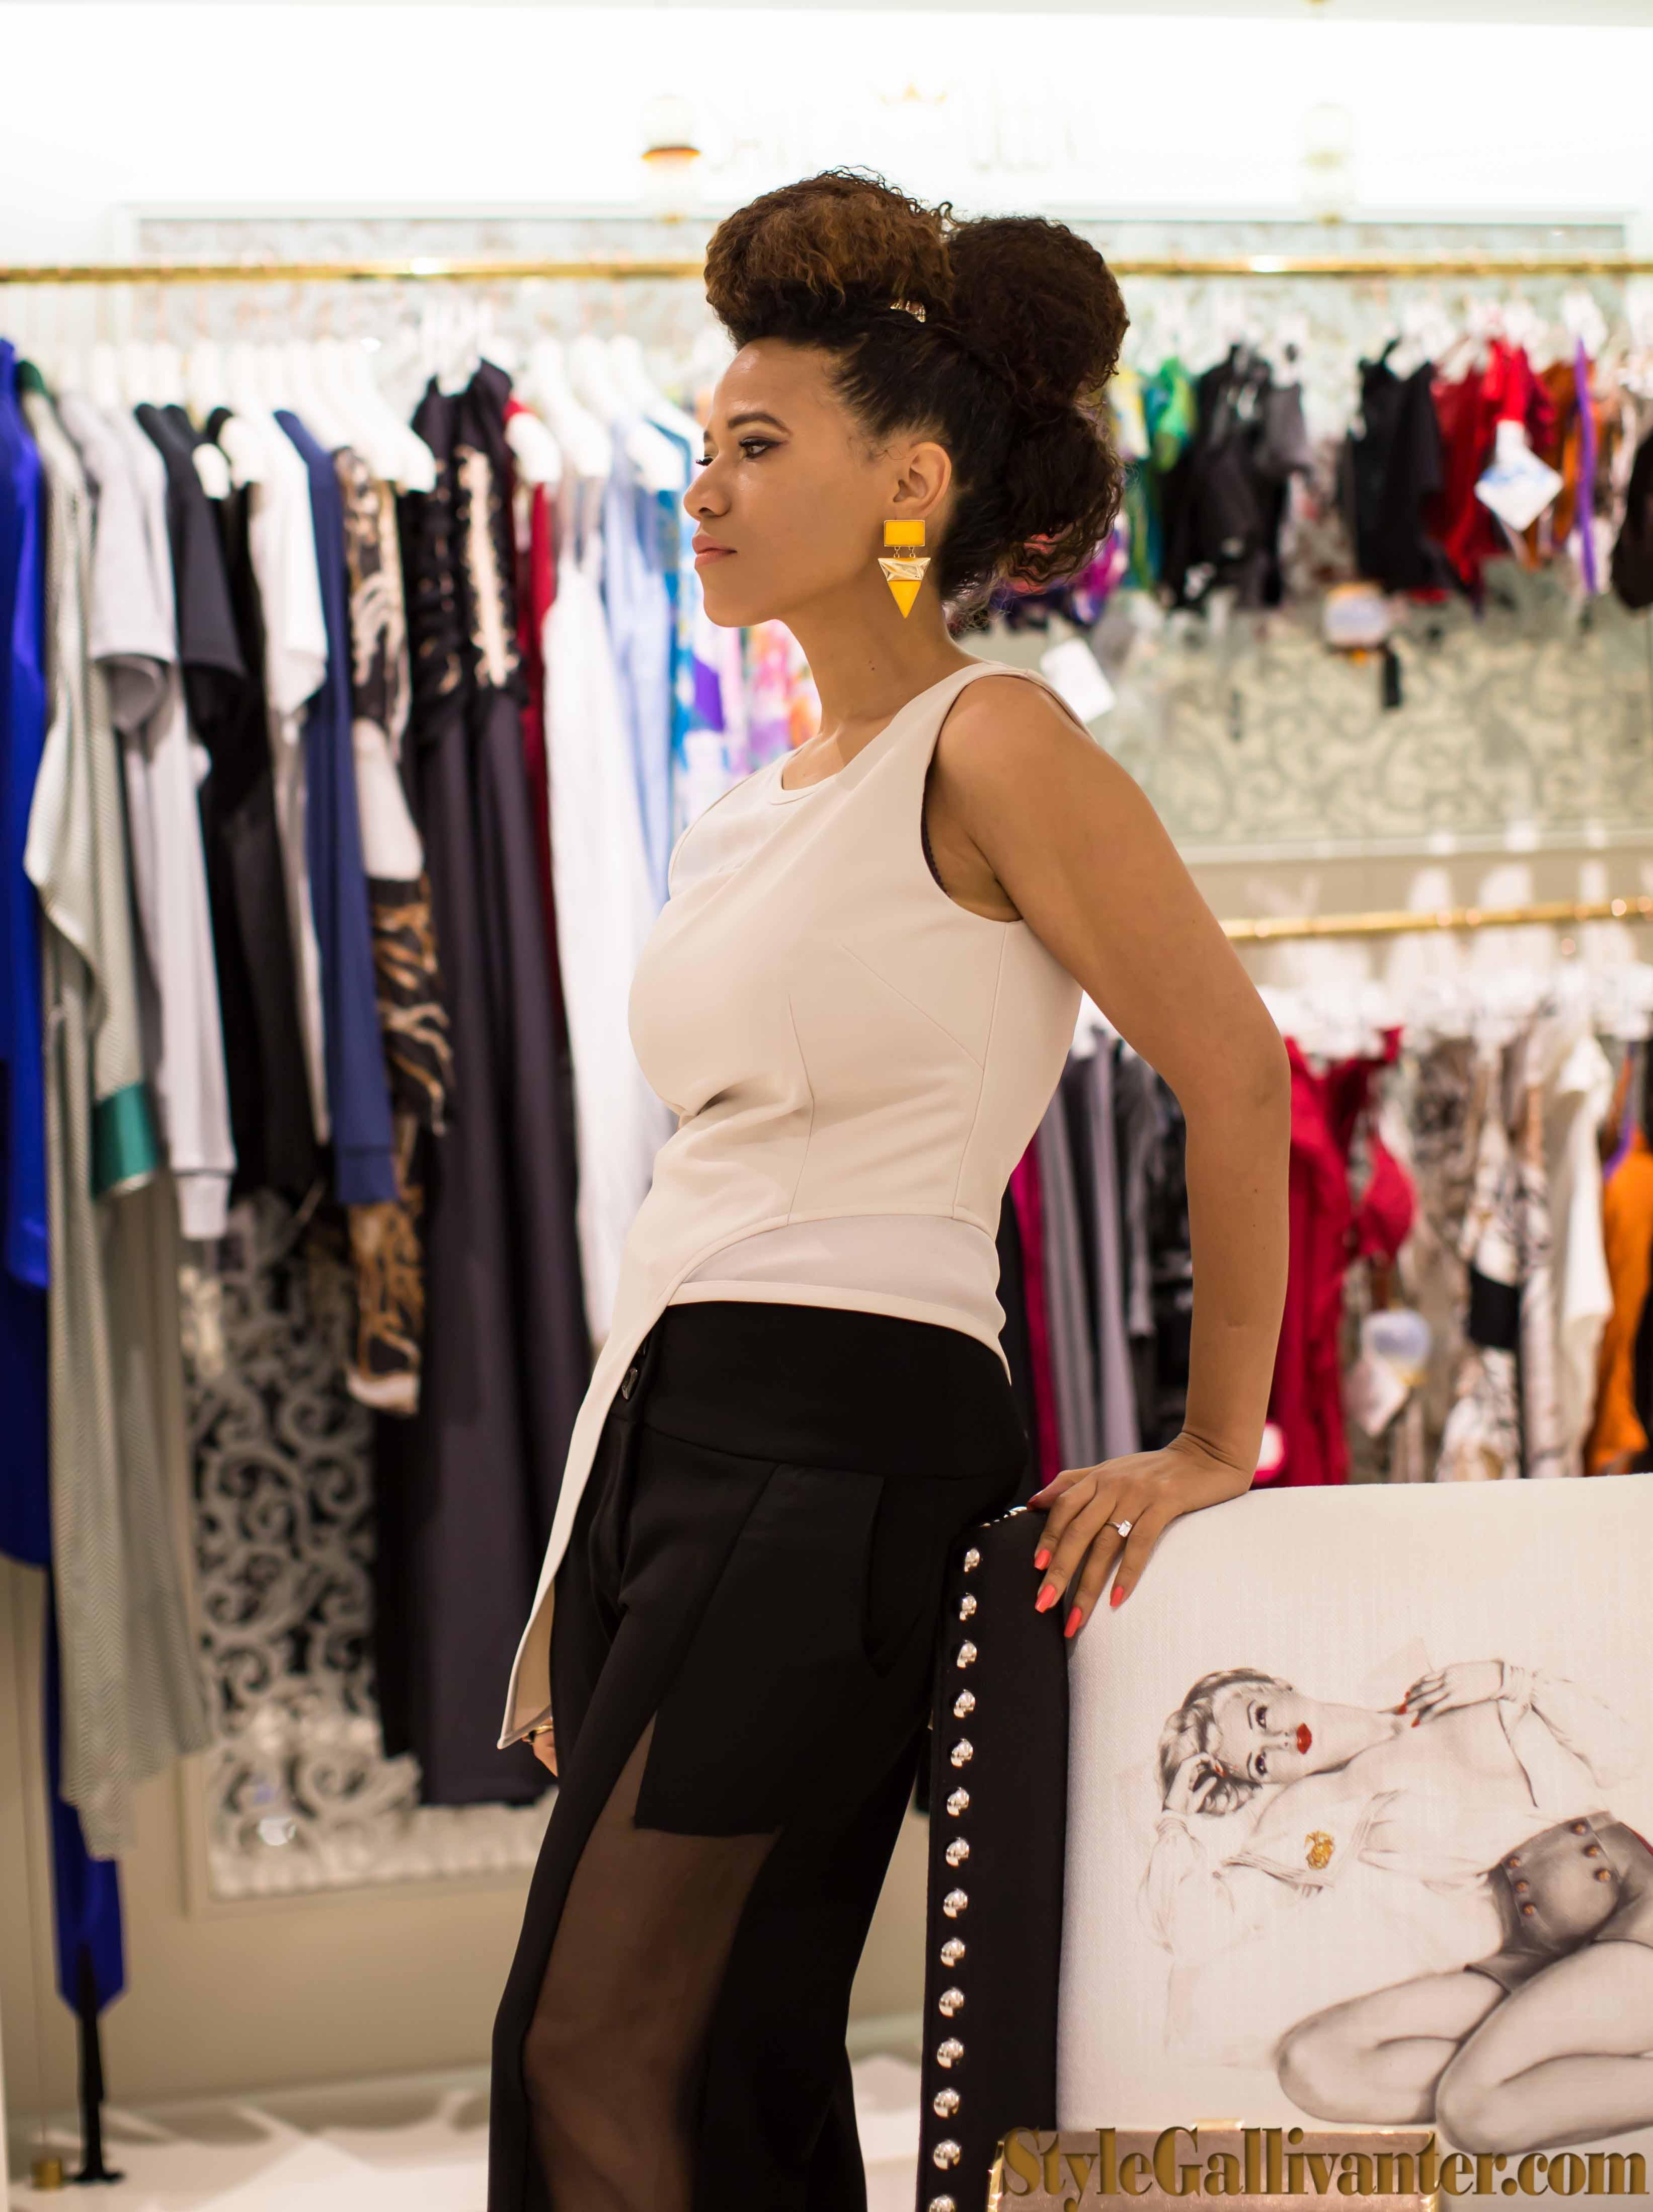 IM-Lingerie_im-lingerie-crown-launch_most-professional-bloggers-australia_best-bloggers-melbourne_best-lingerie-australia_la-perla-melbourne_sexy-classy-lingerie-melbourne_crown-melbourne-store-launch_exclusive-events-melbourne-17